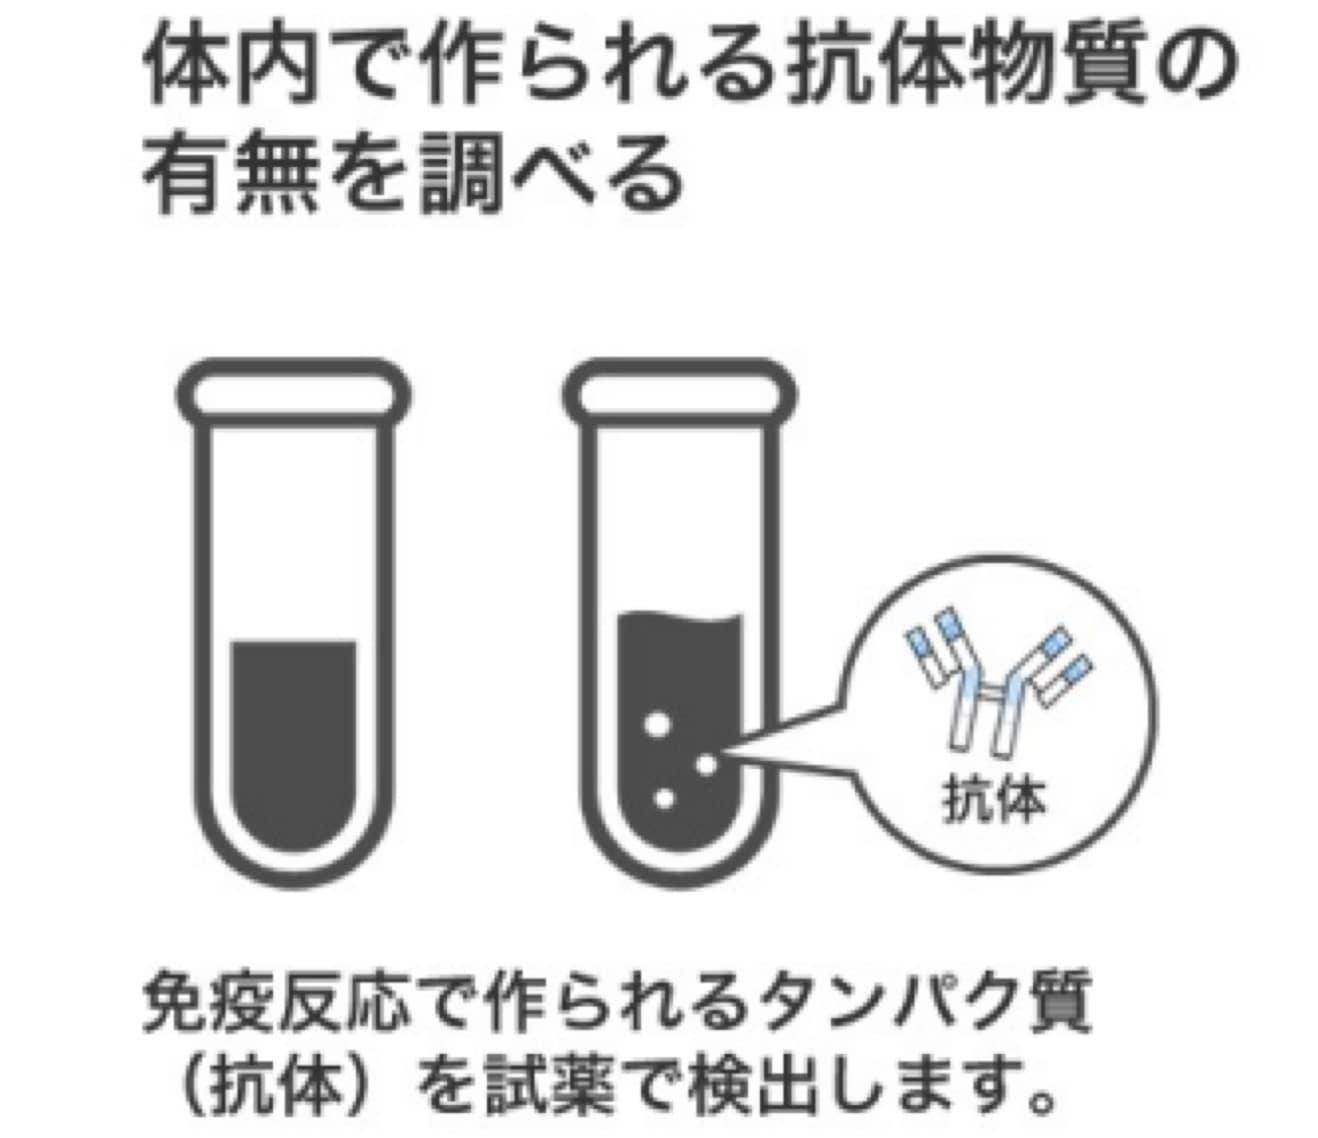 【1キット】コロナウイルス抗体検査キット(採血針つき)※平日12時までの決済完了で即日出荷